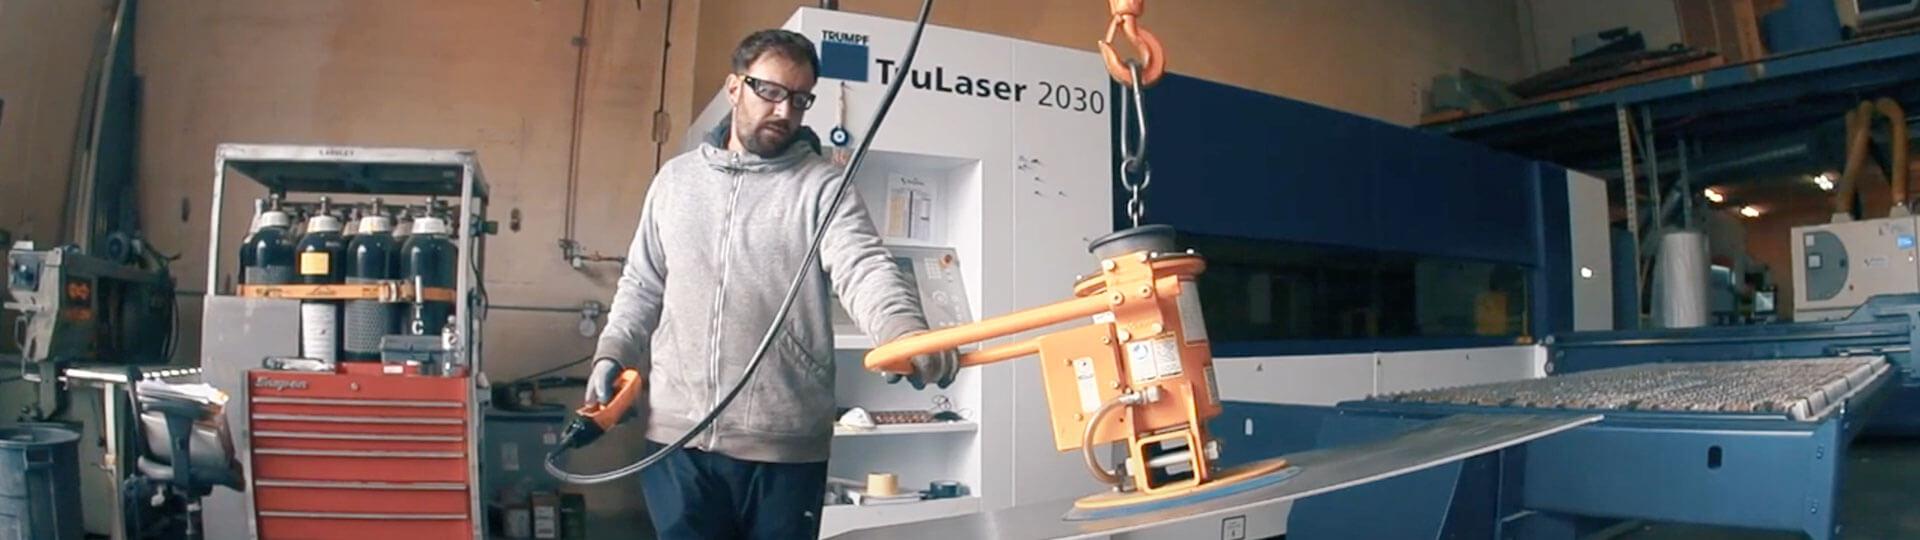 True Laser 2030